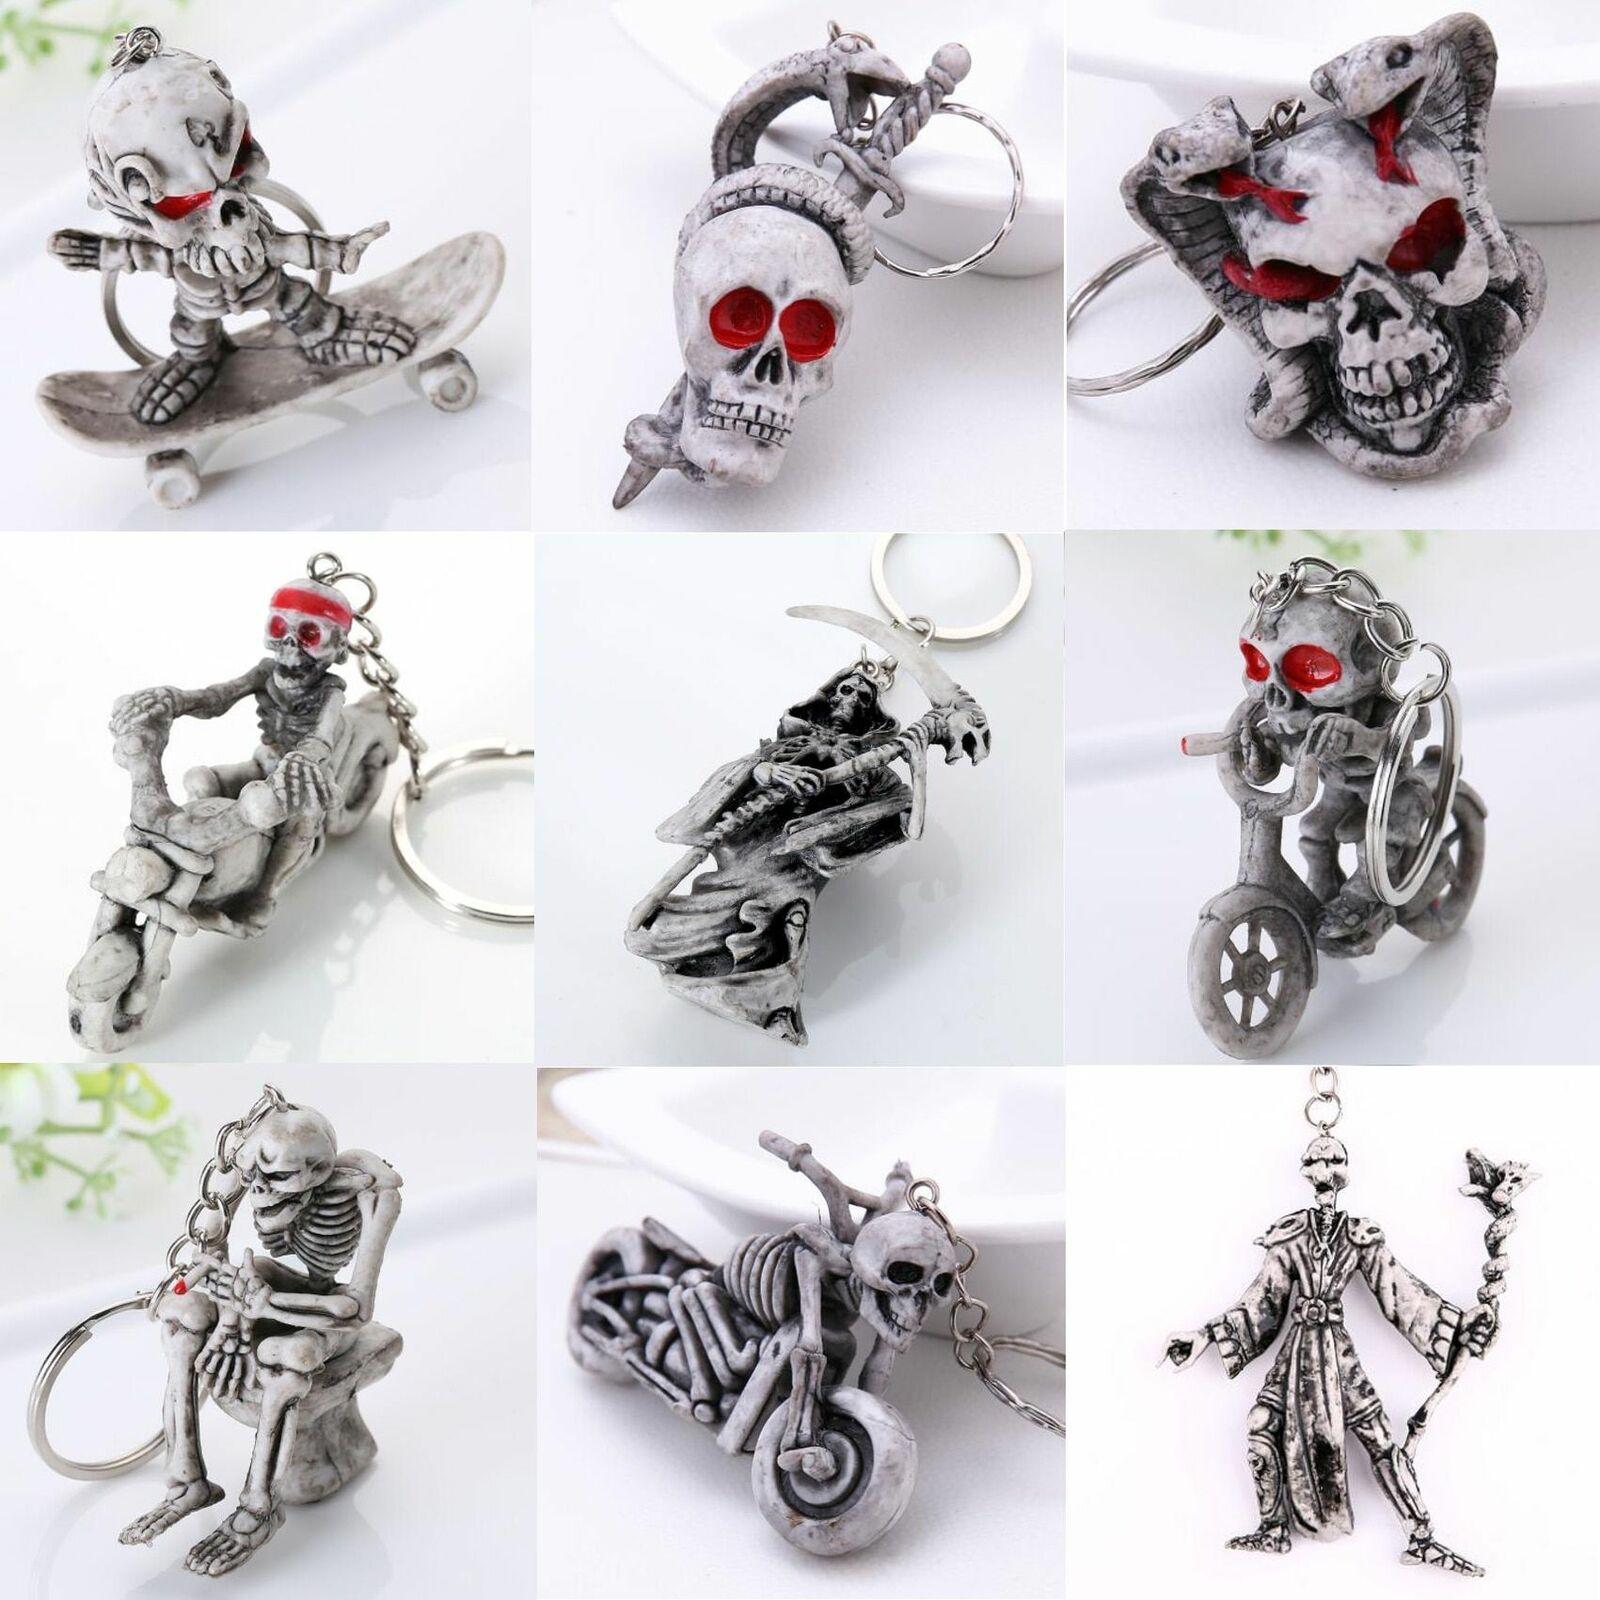 1 Paire Zombie Crâne Keychains morts-vivants Snare Effrayant Porte-clefs Fashion Cartoon Accesso